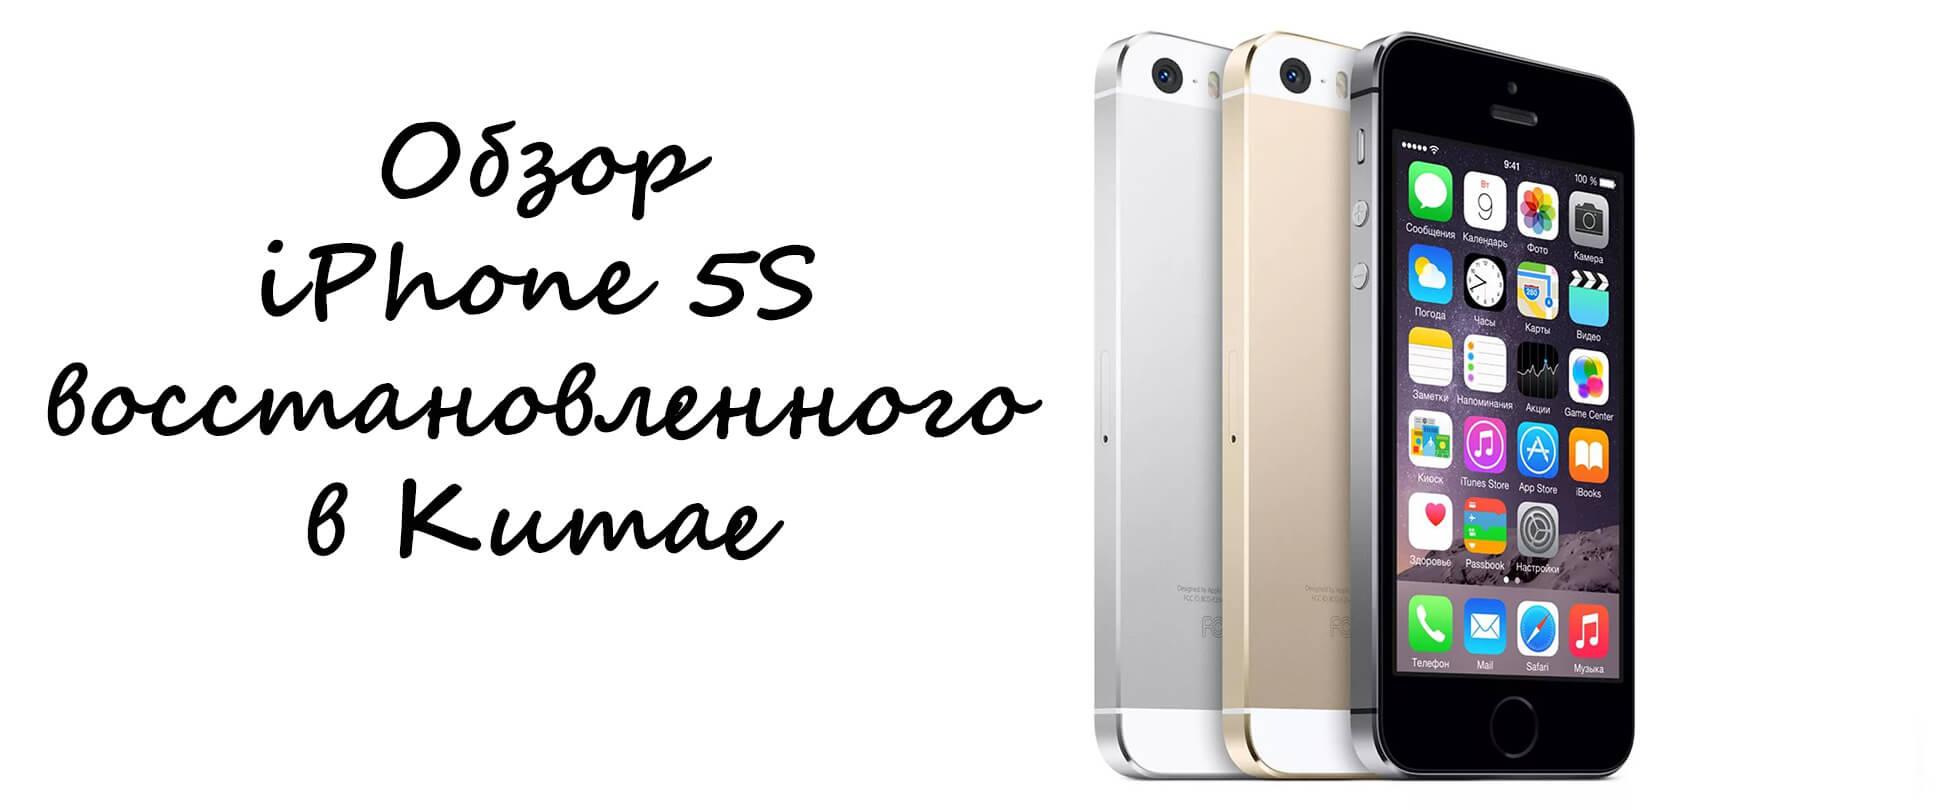 iPhone 5S восстановленный в Китае